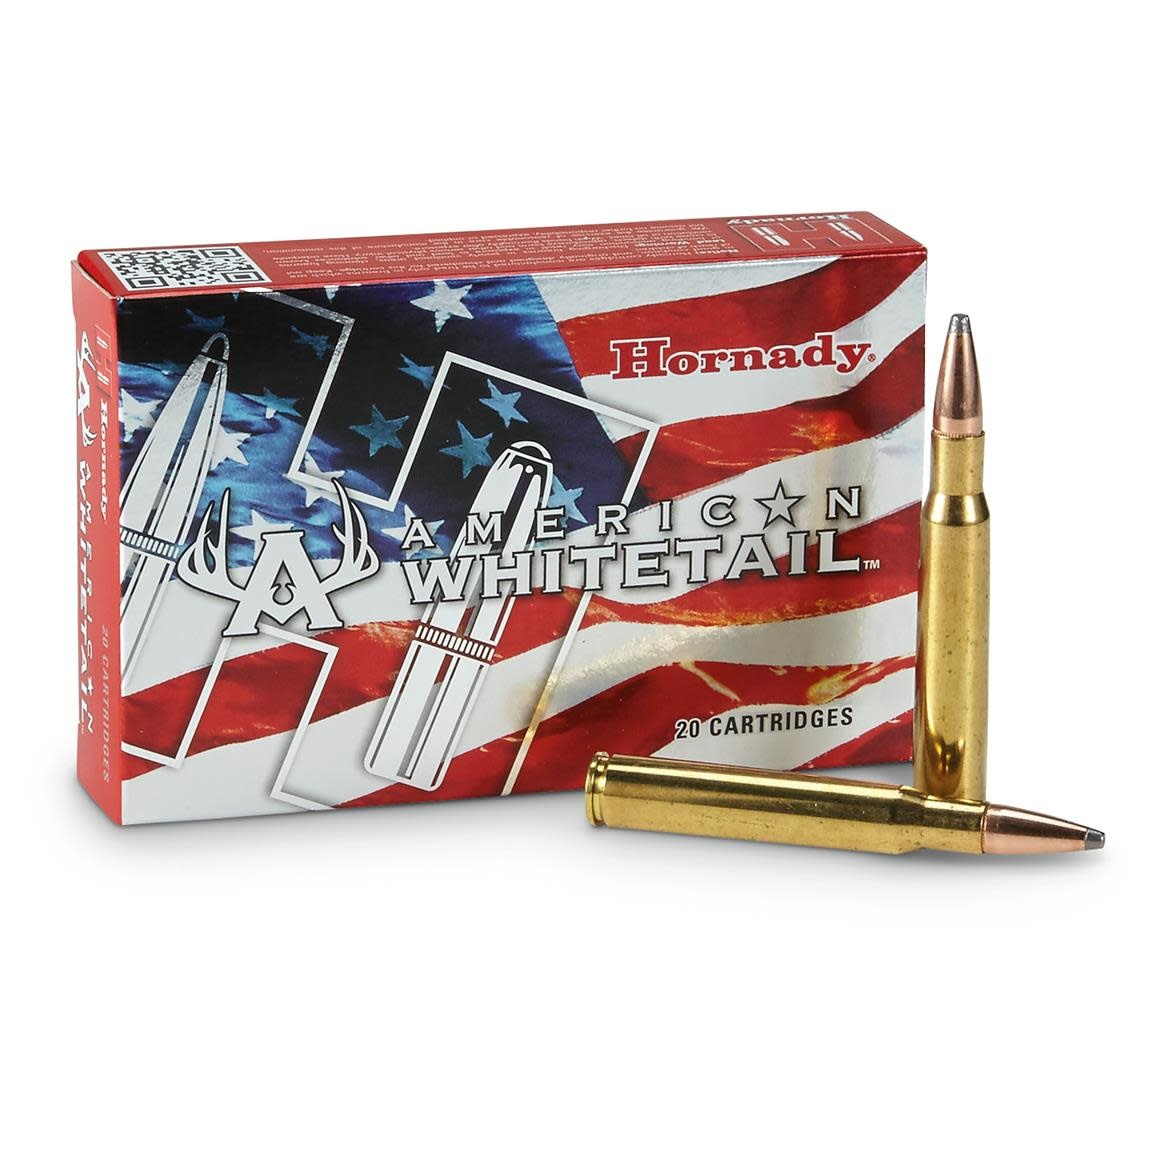 Hornady American Whitetail 270 Win, 130 gr Interlock SP (20 Pk)